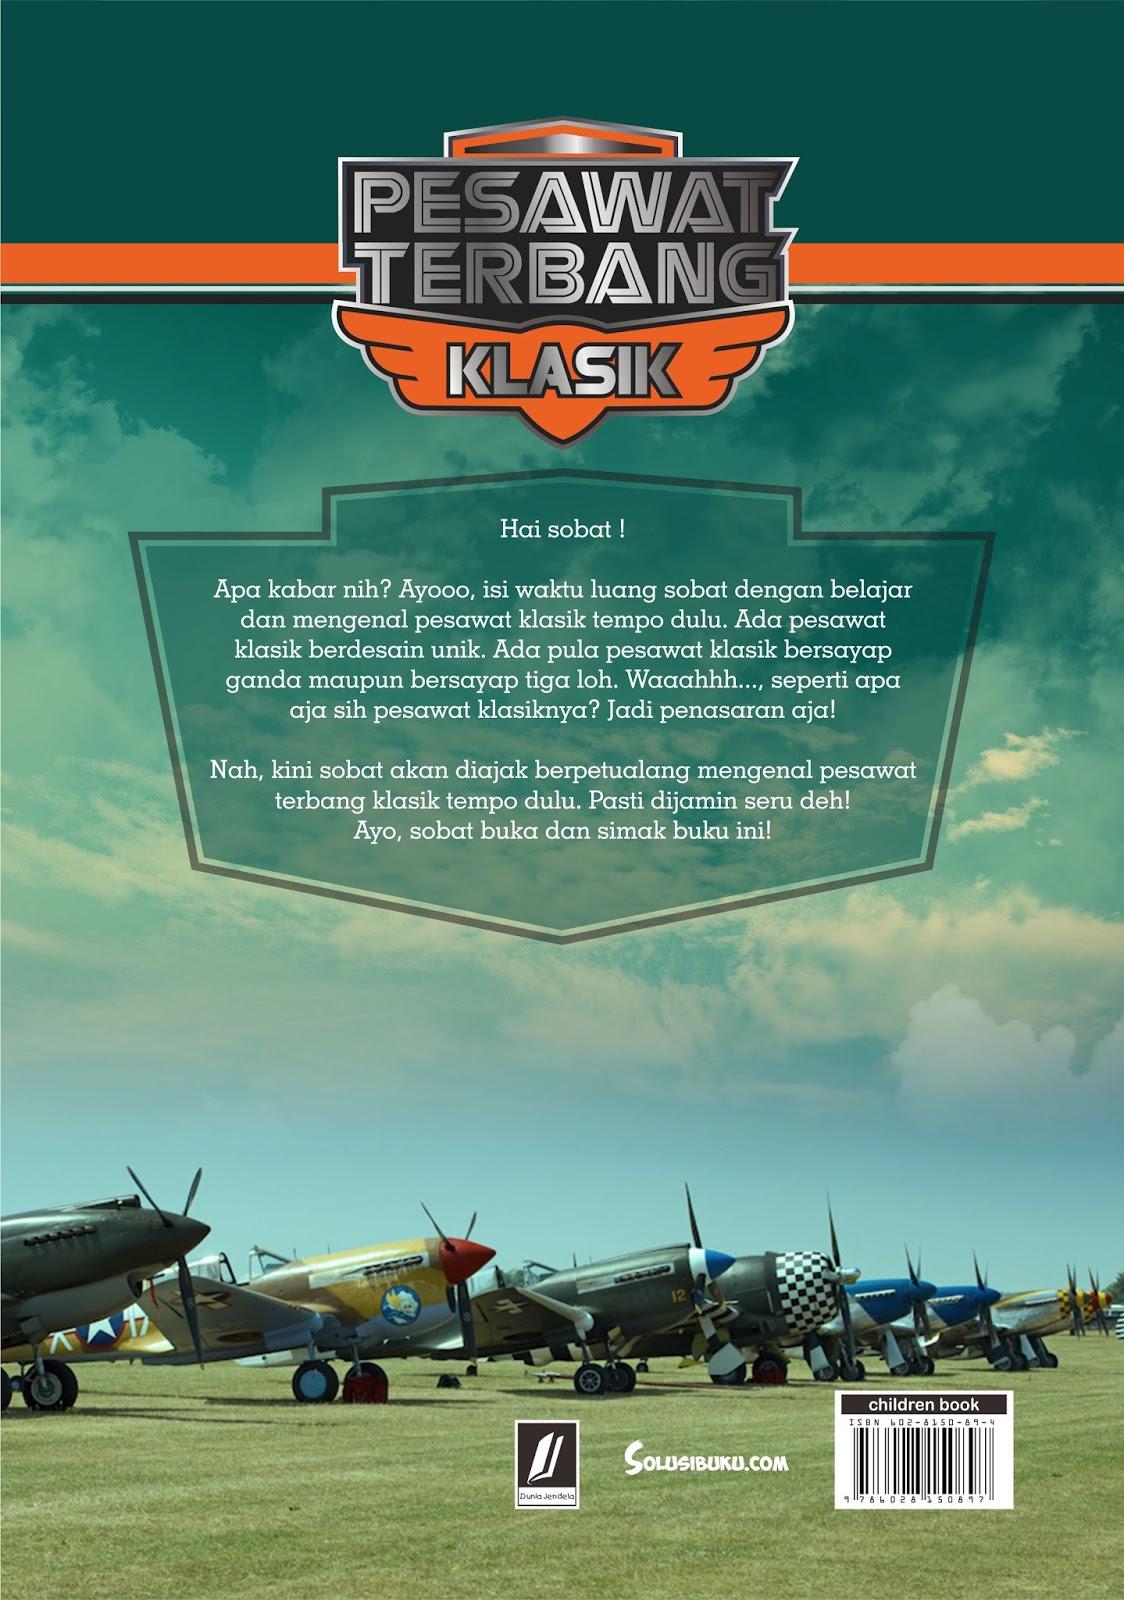 Fannani Lishan Pesawat Terbang Klasik